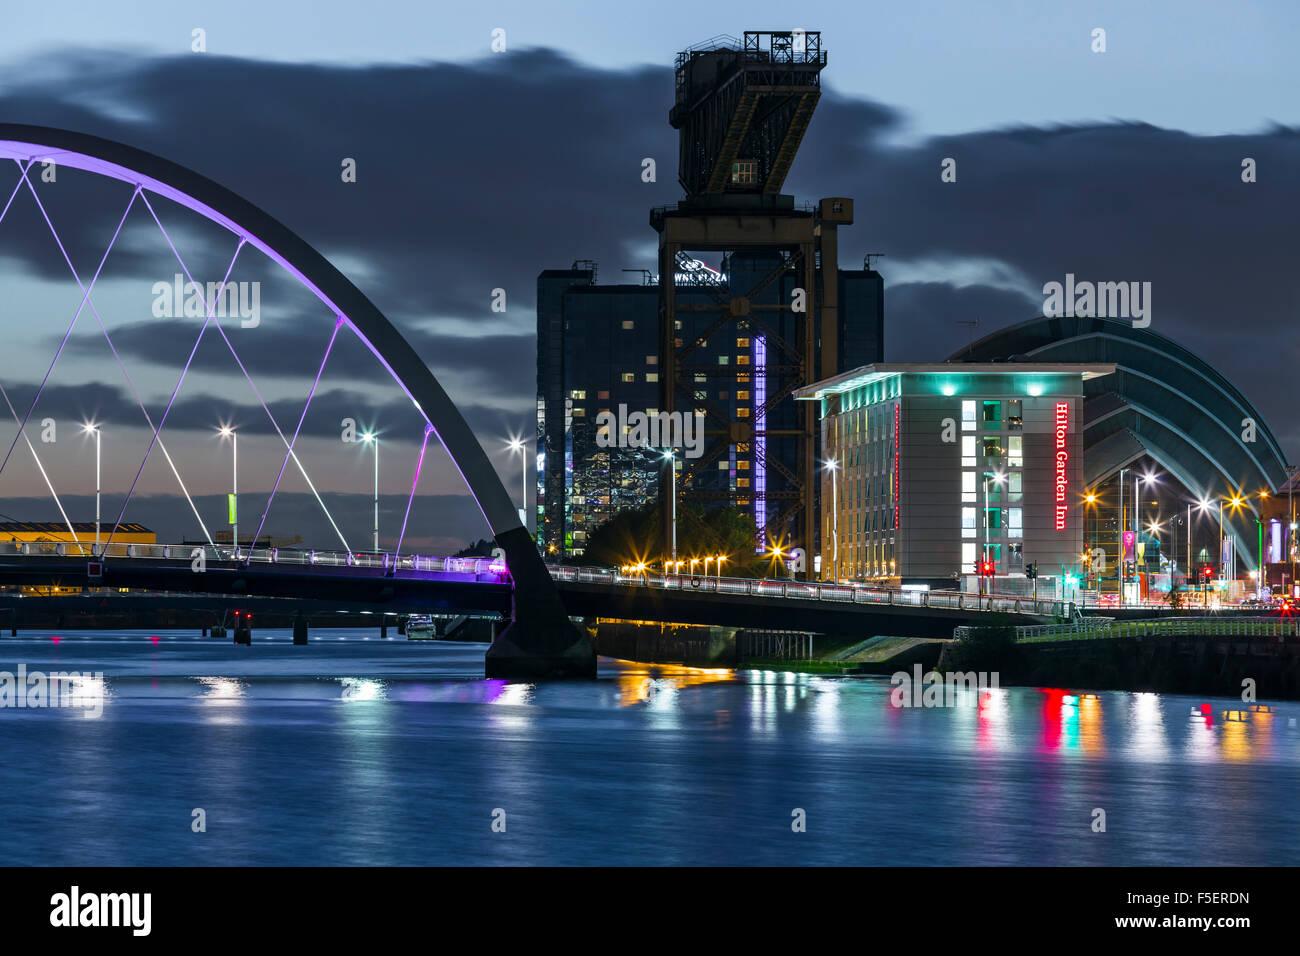 La Waterfront Finnieston à côté de la rivière Clyde à Glasgow au crépuscule, Ecosse, Royaume-Uni Banque D'Images